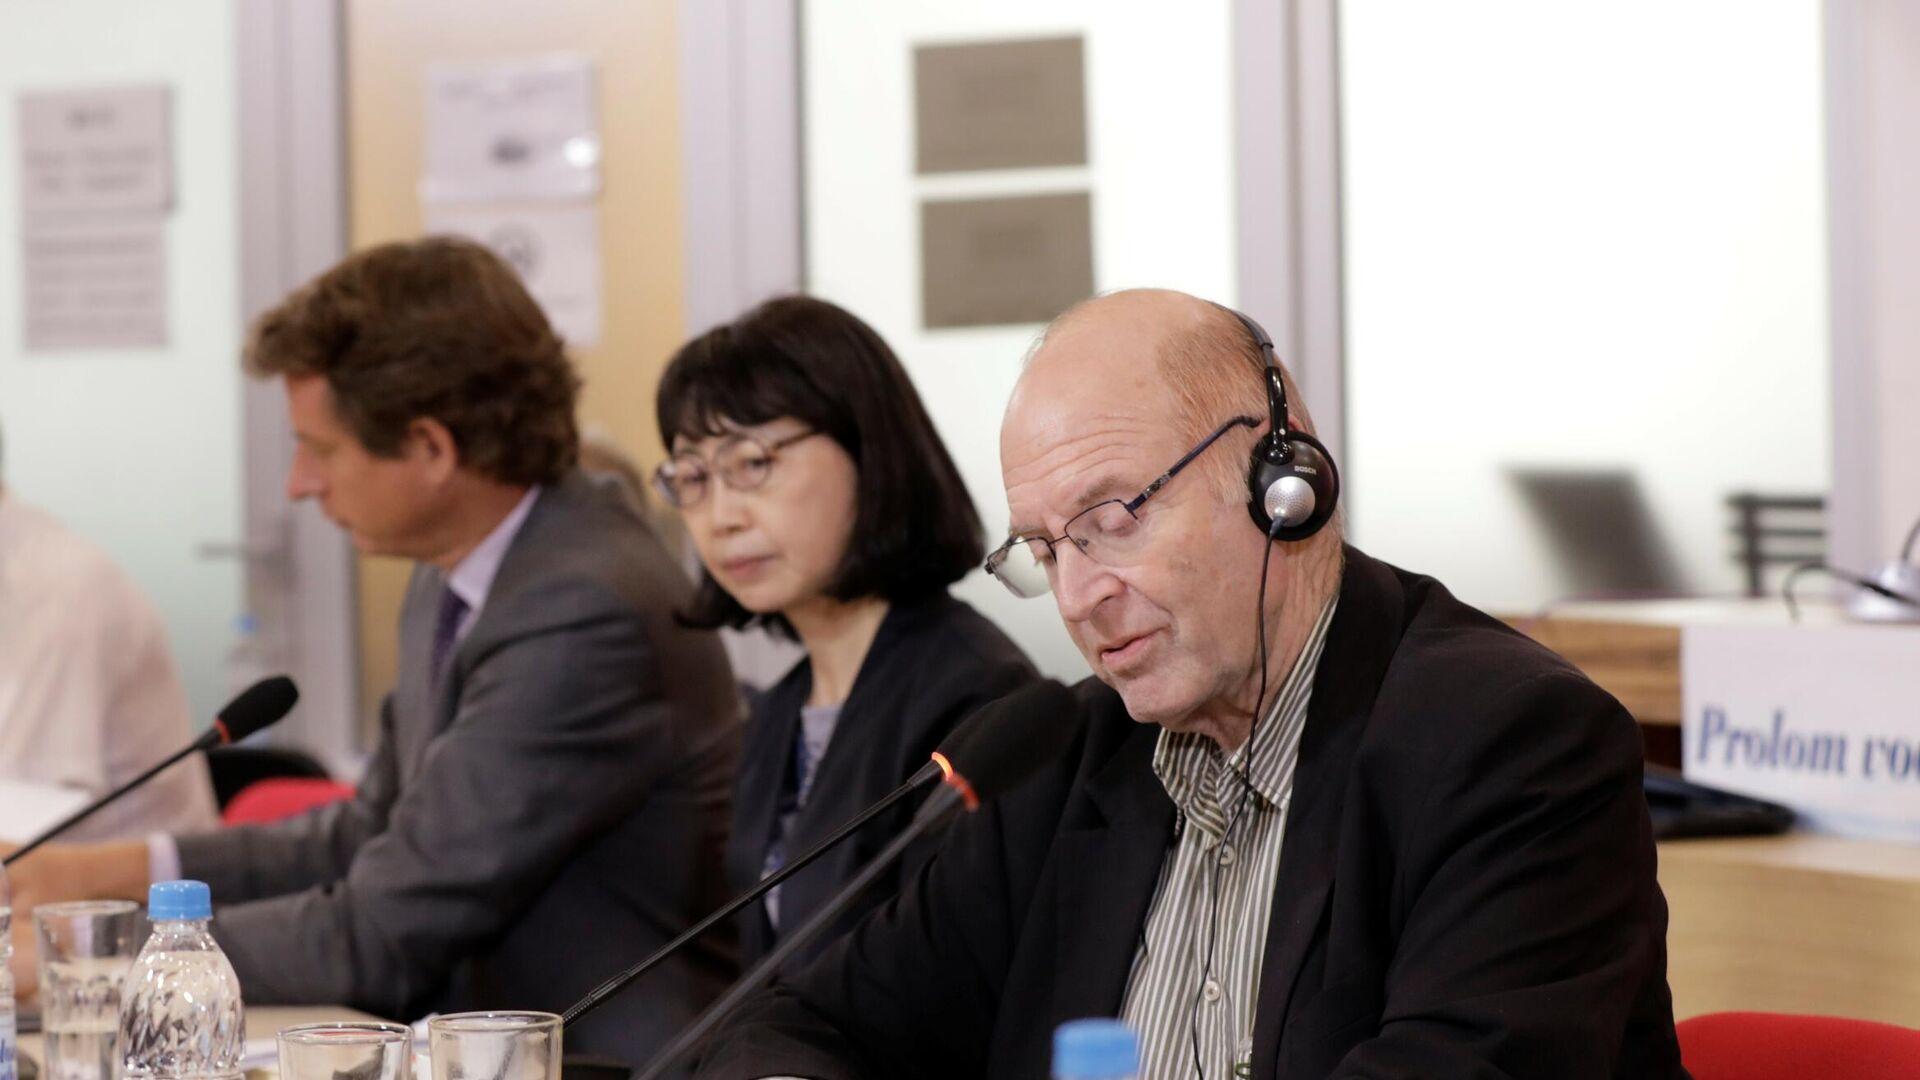 Gideon Grajf, predsednik Nezavisne međunarodne komisije za istraživanje stradanja svih naroda u srebreničkoj regiji od 1992.do 1995.godine. - Sputnik Srbija, 1920, 24.08.2021